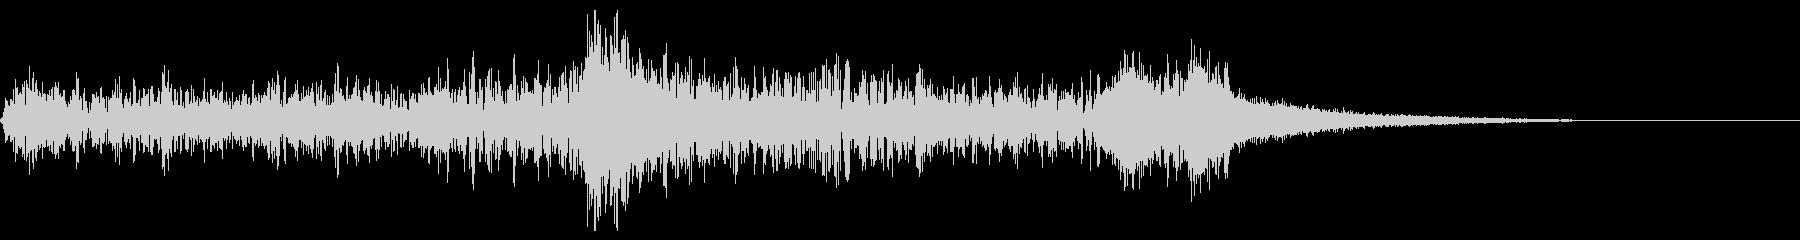 サスペンス~迫りくる恐怖・弦トレモロ~の未再生の波形